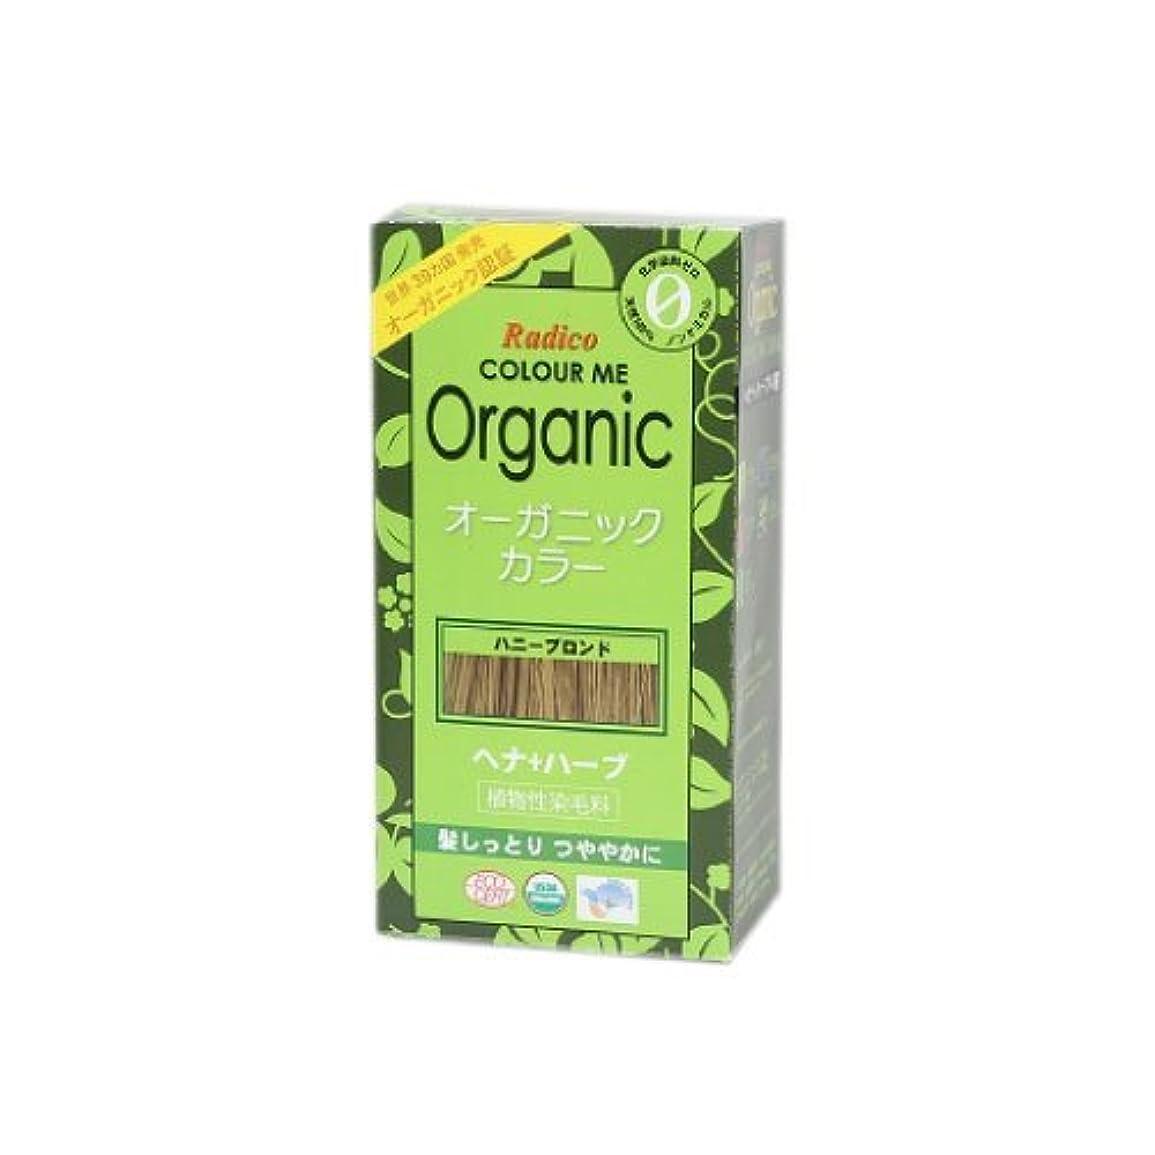 用心深い拒否ガラスCOLOURME Organic (カラーミーオーガニック ヘナ 白髪用) ハニーブロンド 100g